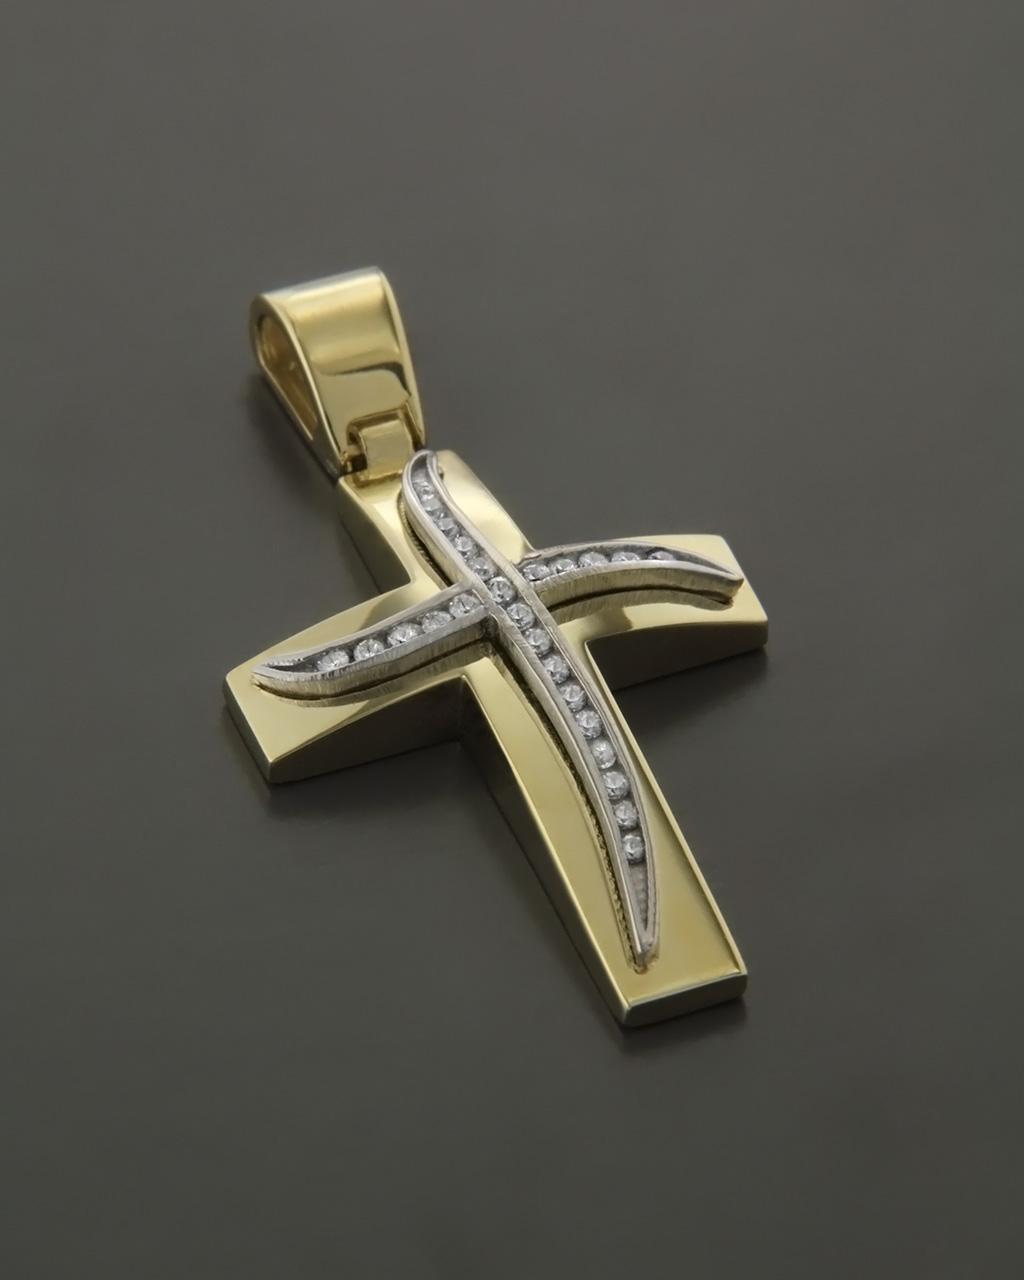 Σταυρός βαπτιστικός χρυσός & λευκόχρυσος Κ14 με Ζιργκόν   γυναικα σταυροί σταυροί χρυσοί